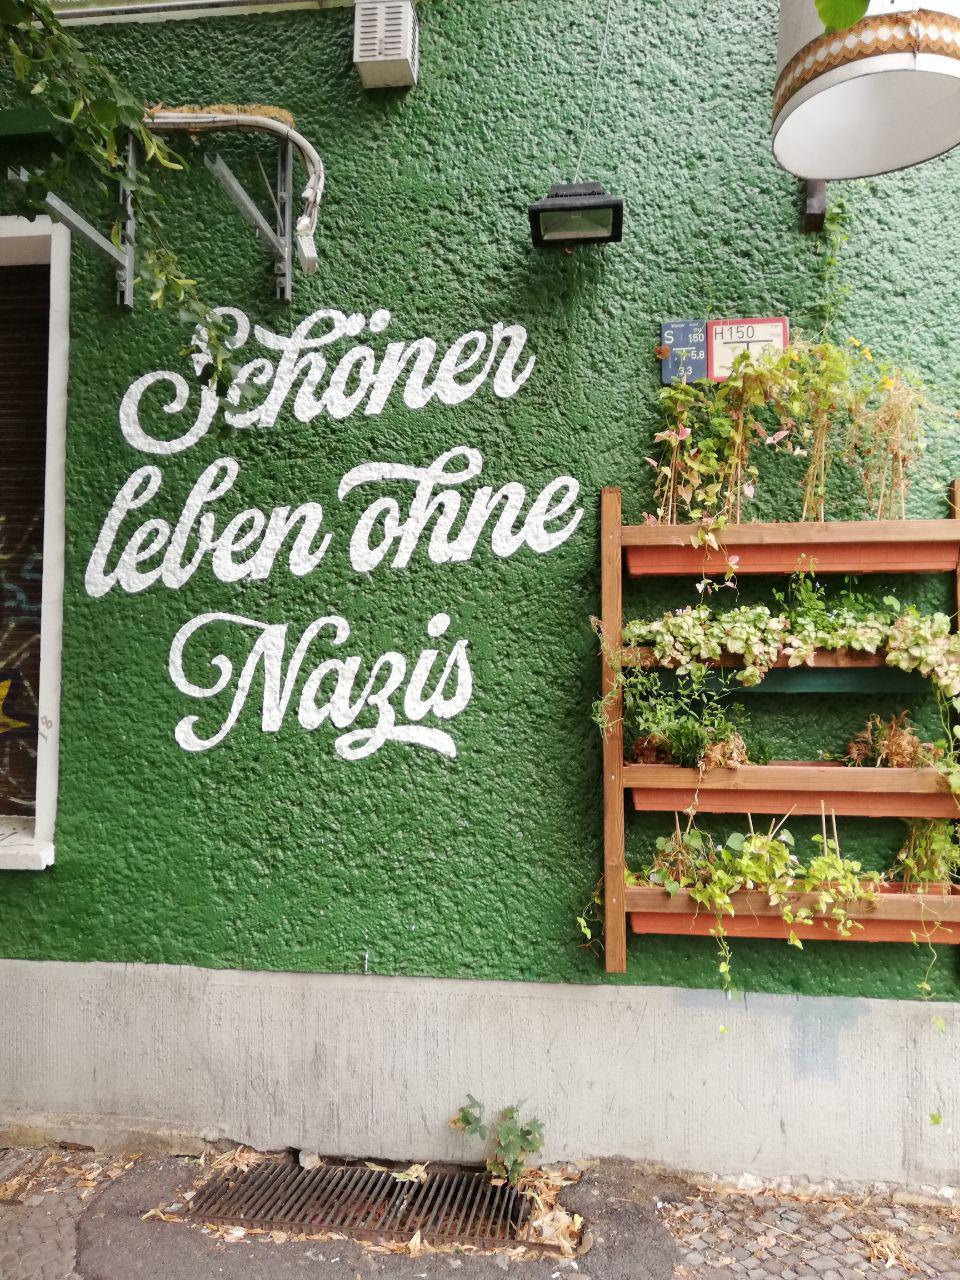 """Auf dem Bild ist eine grüne Wand. Auf der Wand steht: """"Schöner leben ohne Nazis."""""""